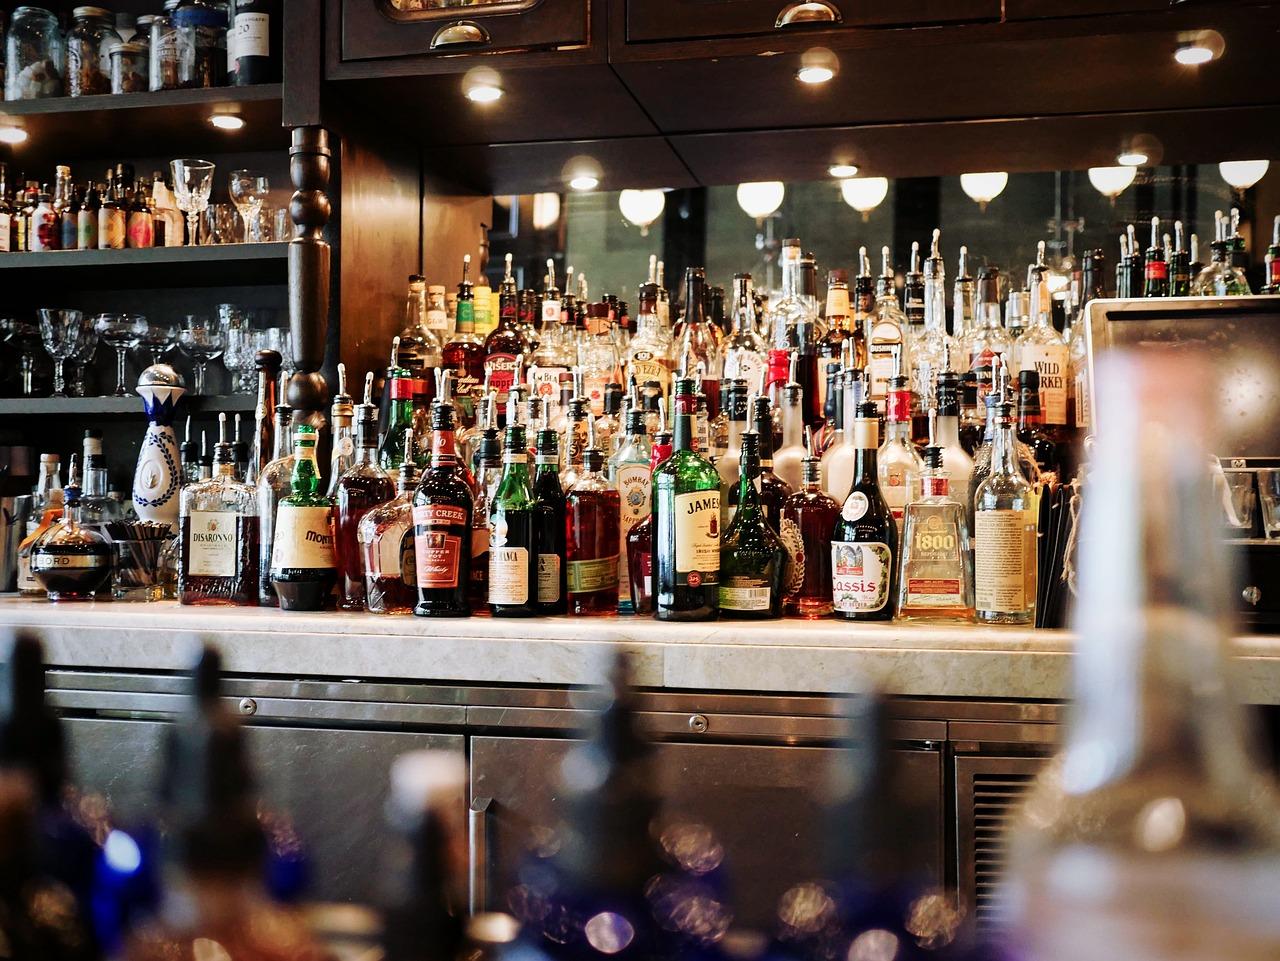 Mayores impuestos al alcohol es la forma más rentable de disminuir su consumo, según un estudio de la OMS